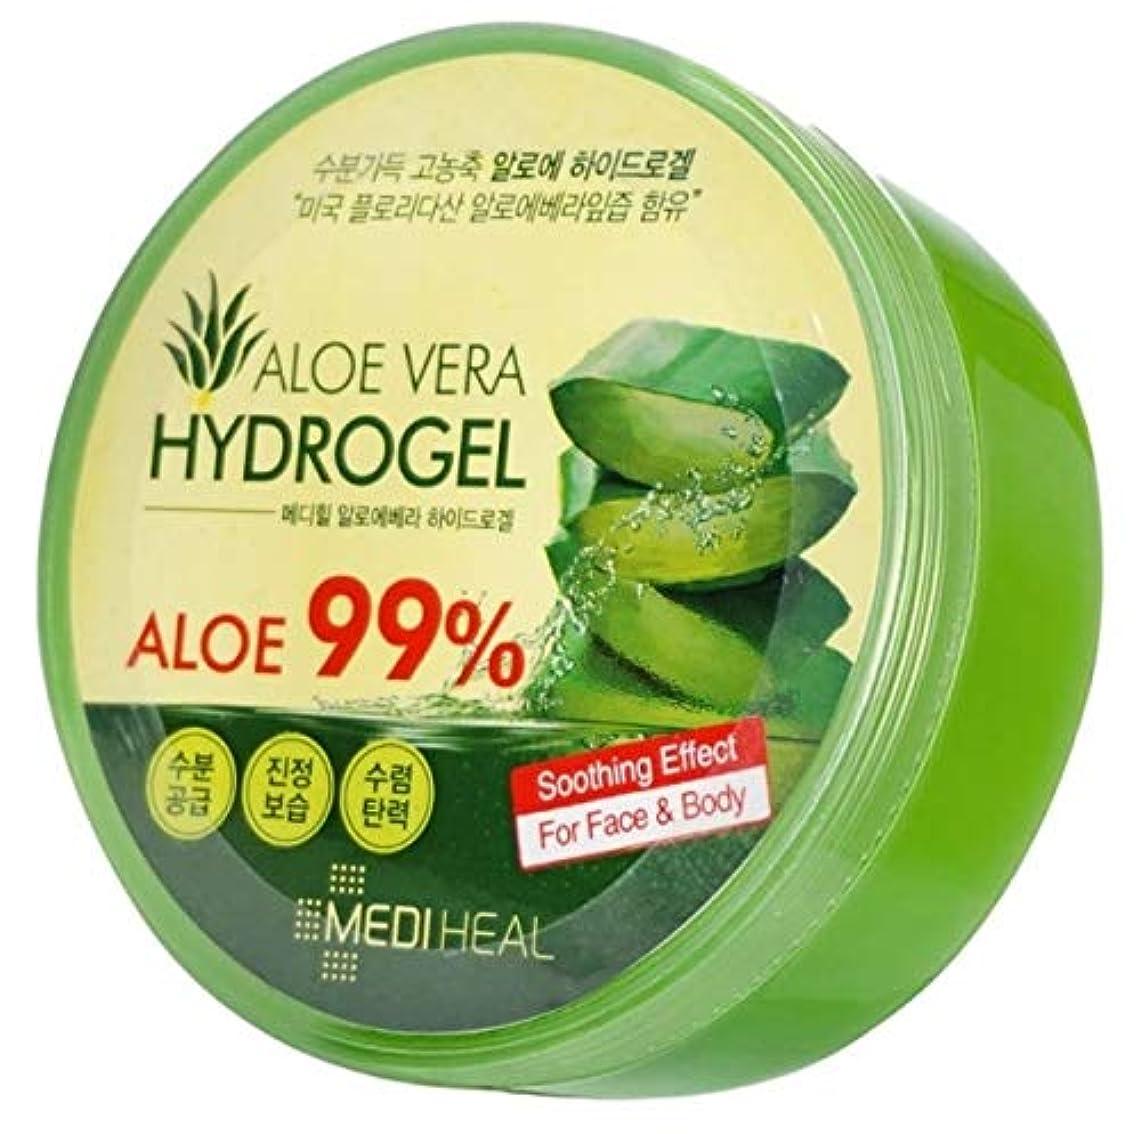 ドラッグドライブまとめるMediheal メディヒール Skin Soothing なだめるような & Moisture 水分 99% Aloe アロエ Vera Hydro Gels ハイドロゲル